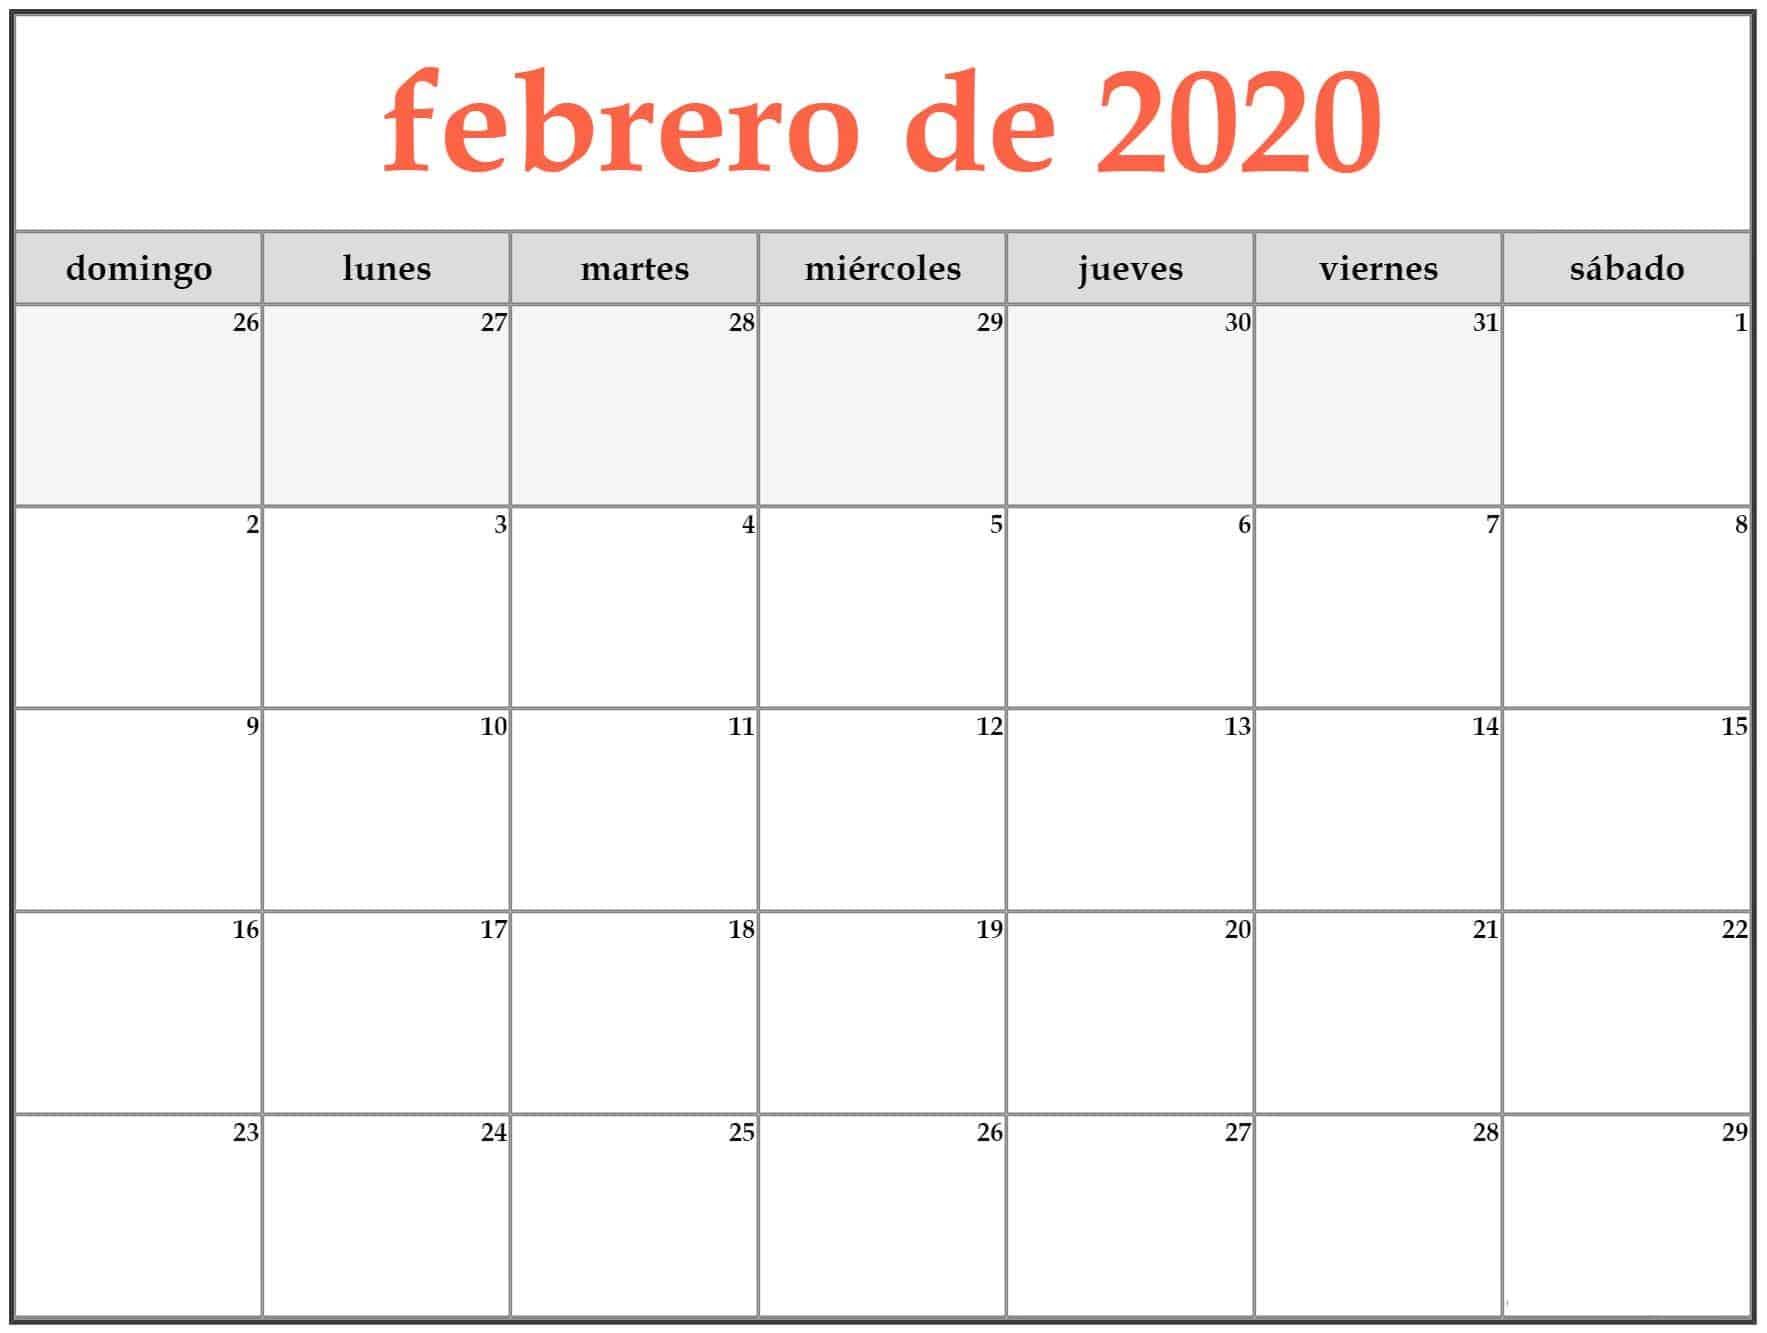 febrero-de-2020-calendario